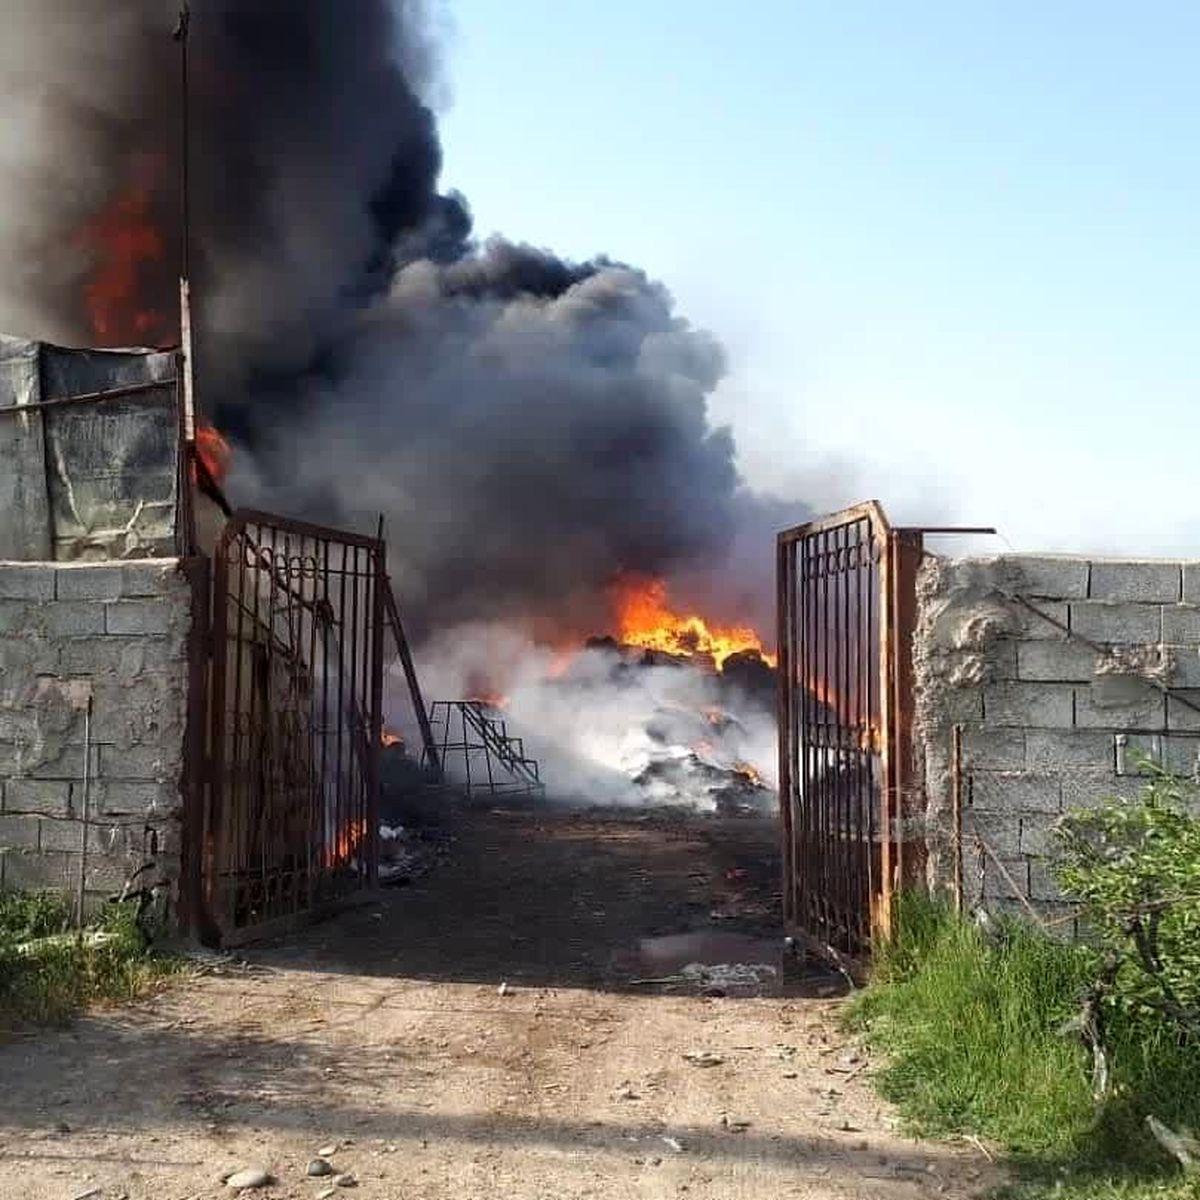 مهار آتش سوزی در کارگاه جعبه سازی پارس آباد